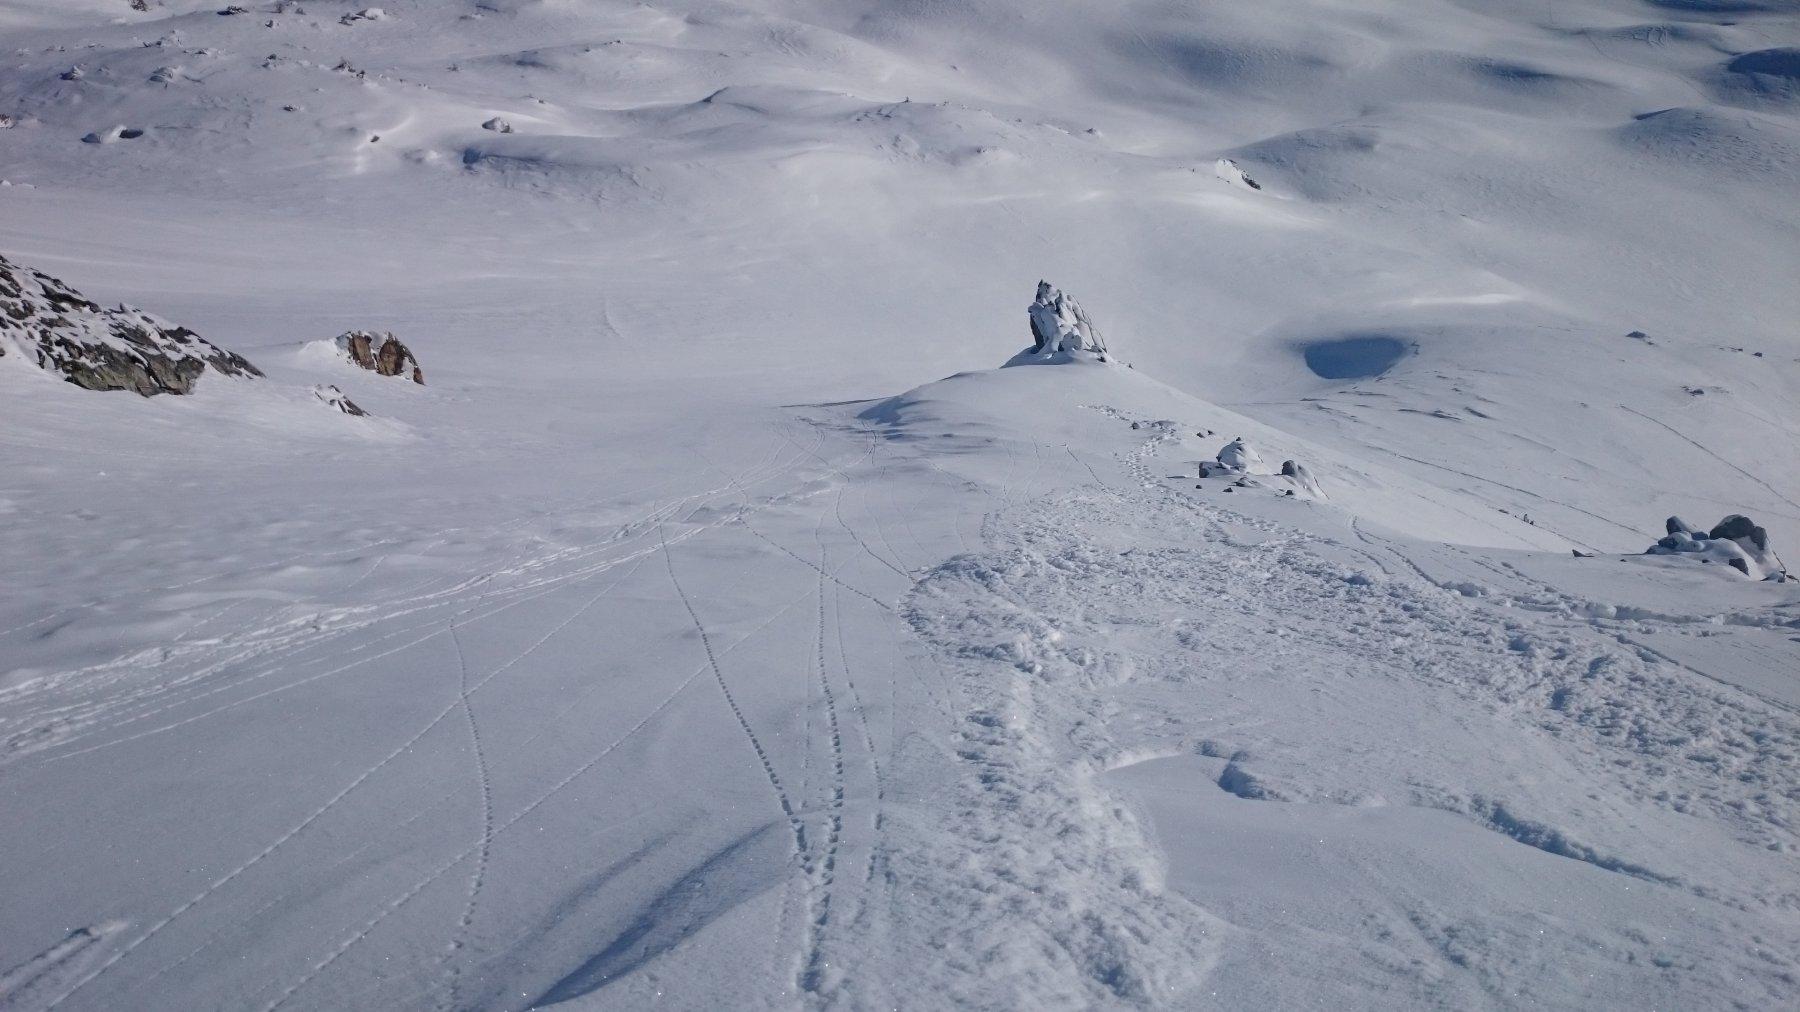 Neve che scivola sul ripido